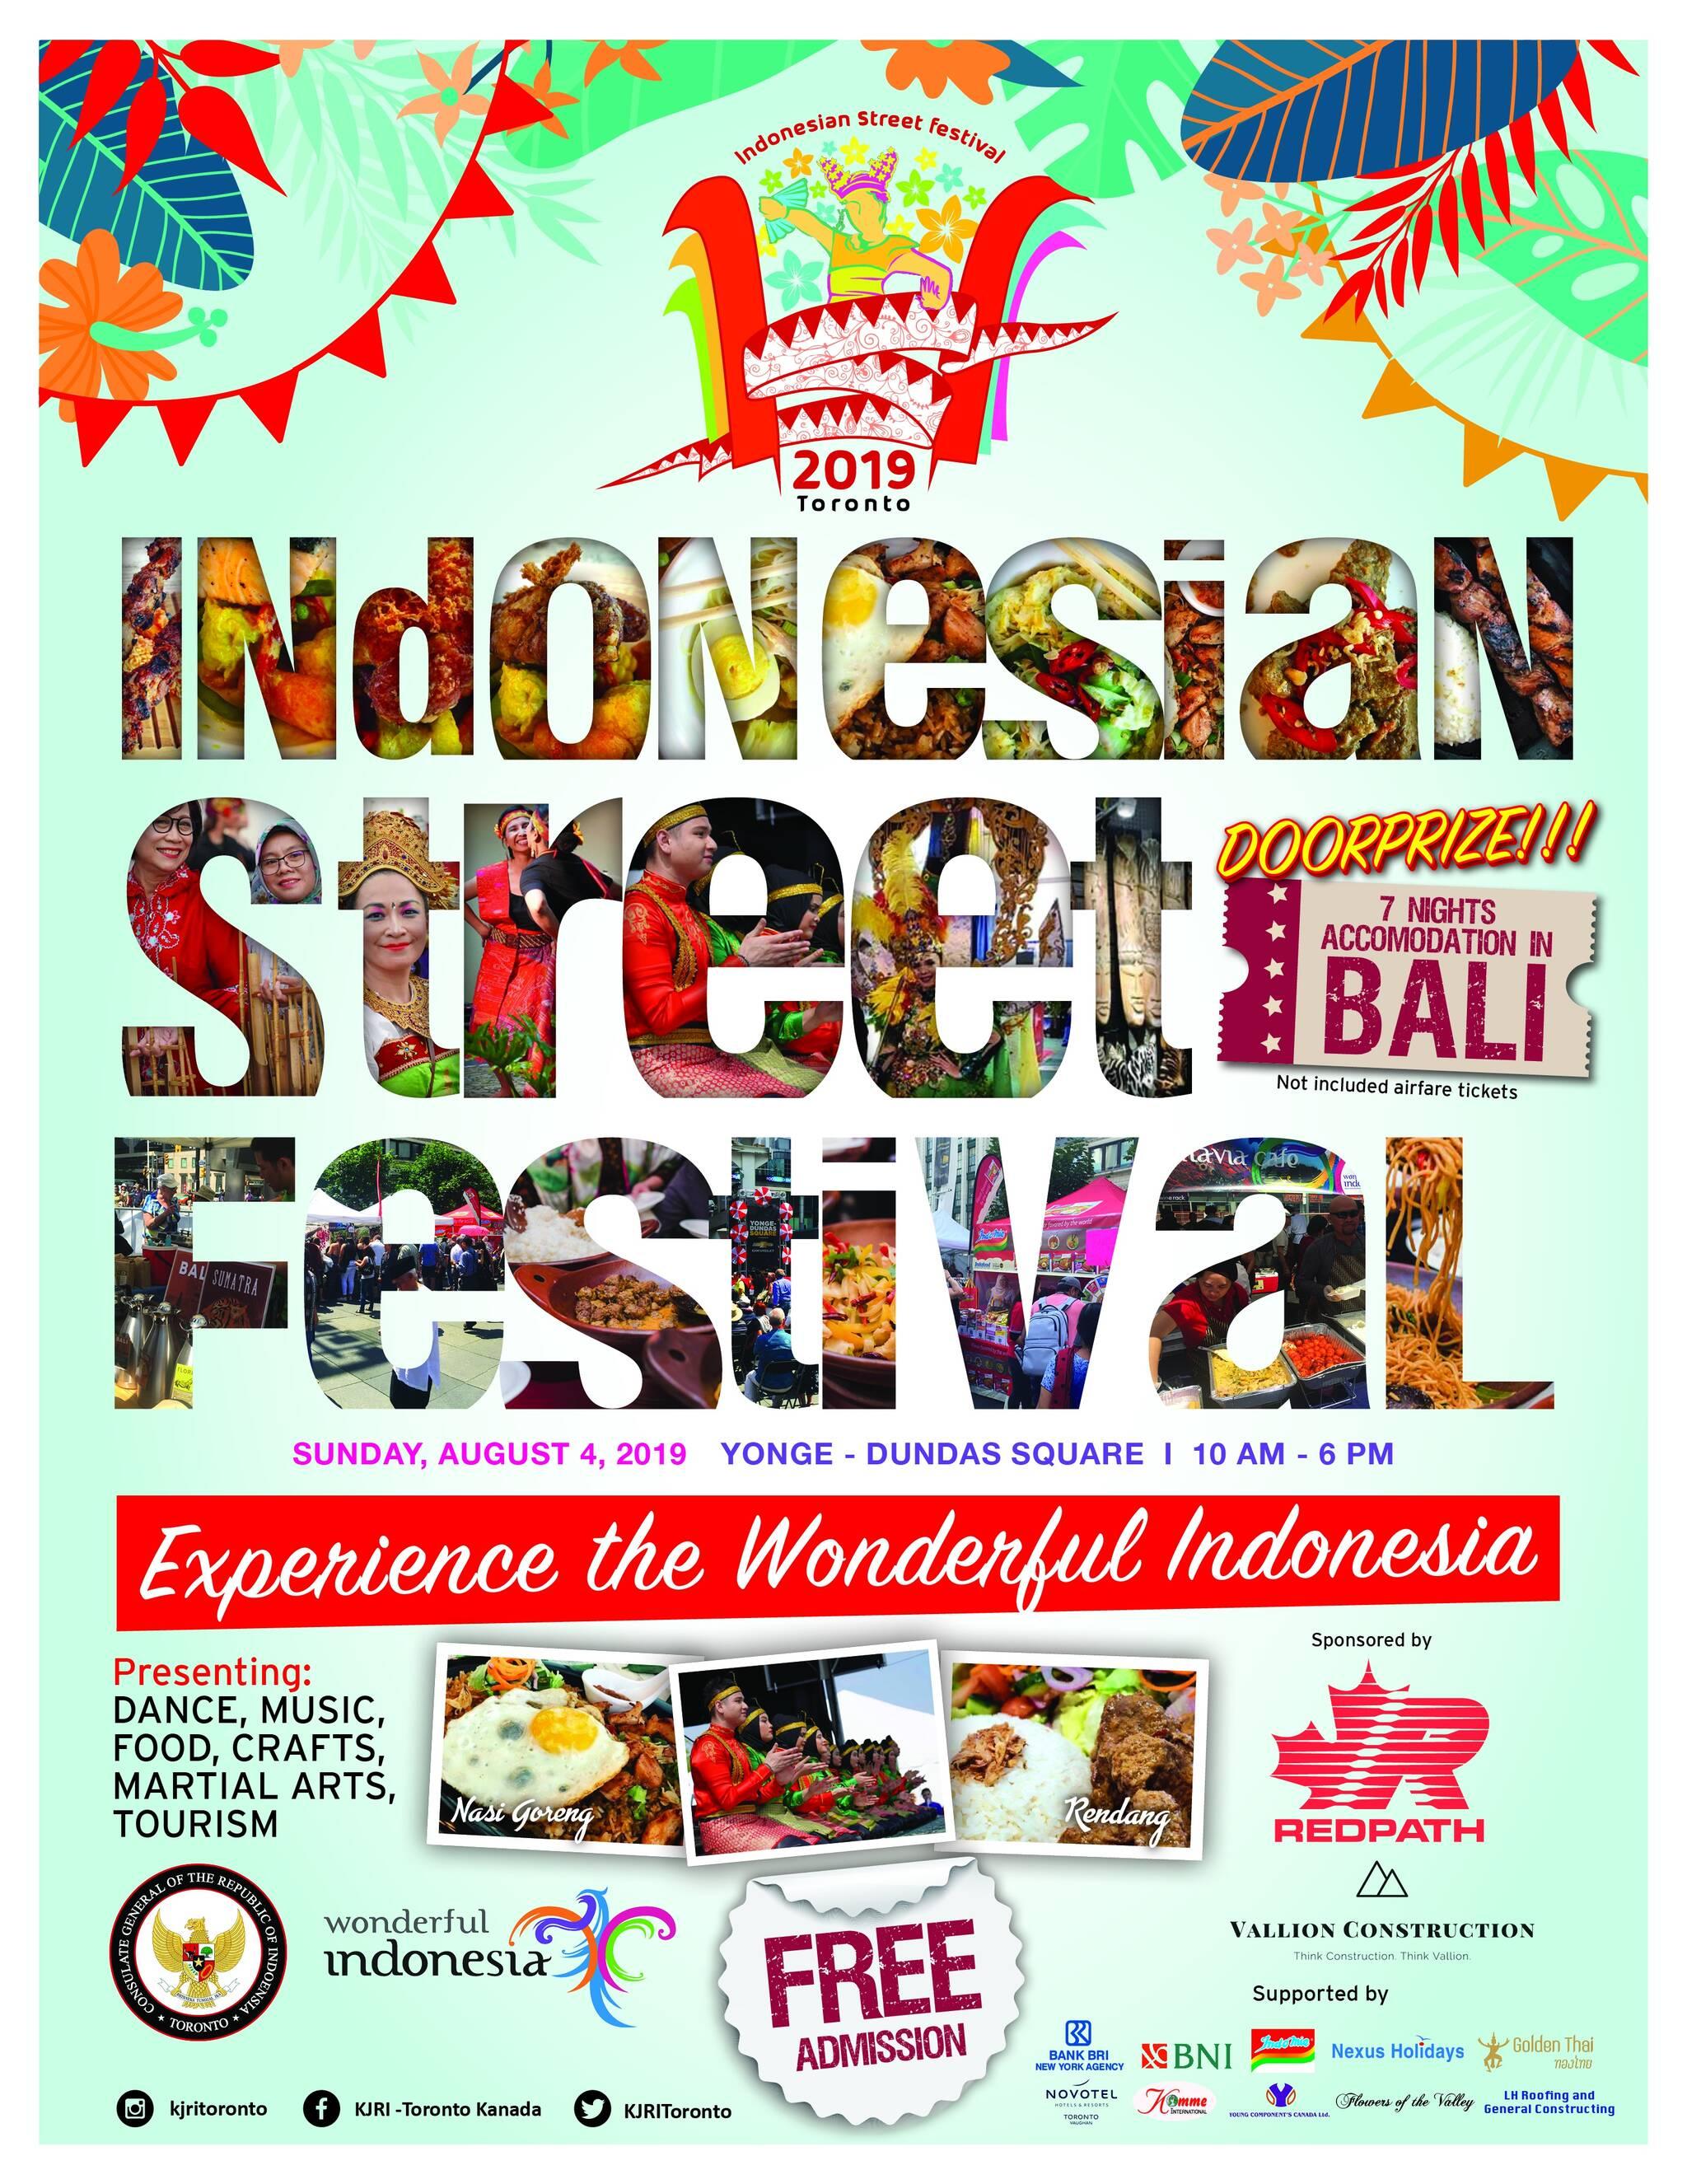 Indonesian Street Festival 2019